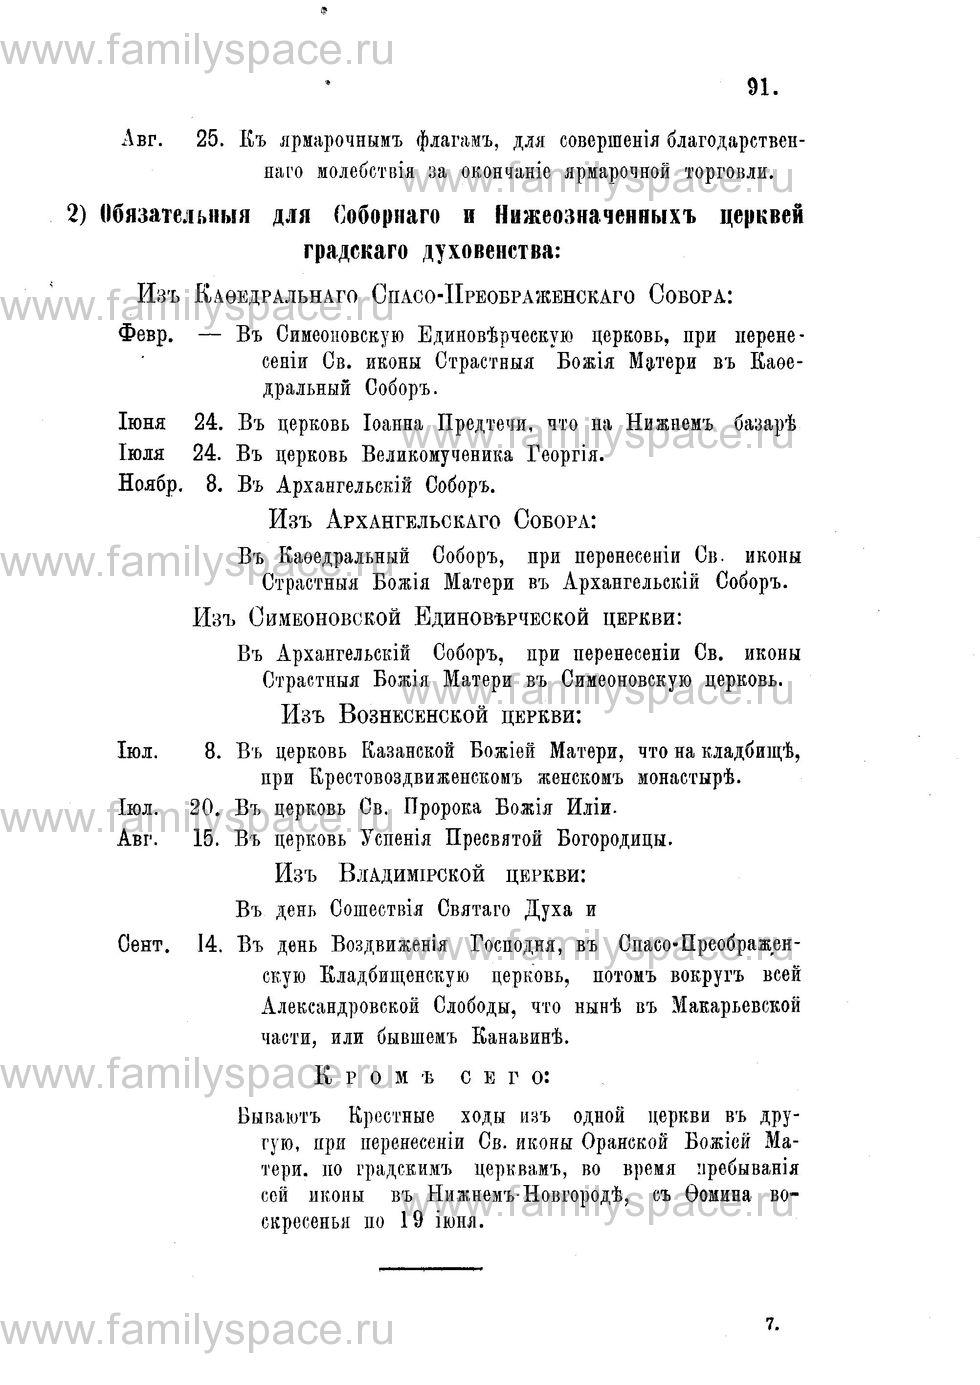 Поиск по фамилии - Адрес-календарь Нижегородской епархии на 1888 год, страница 1091